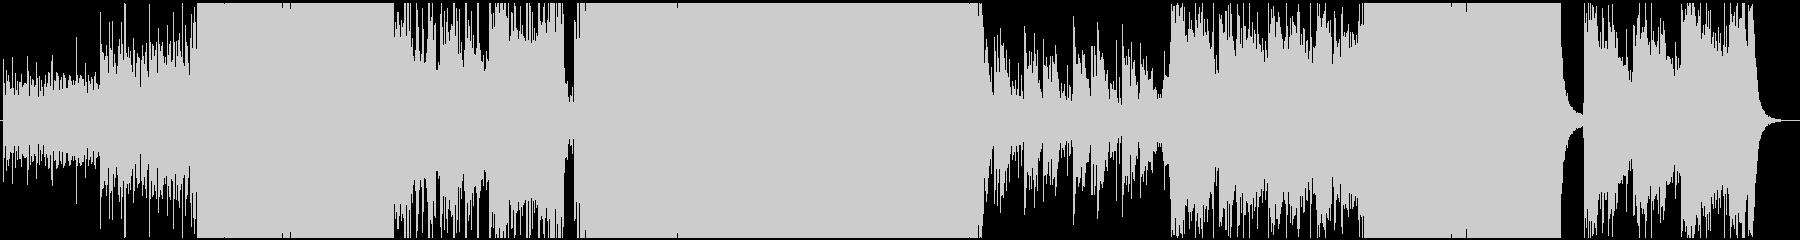 オーケストラ+ロックの未再生の波形